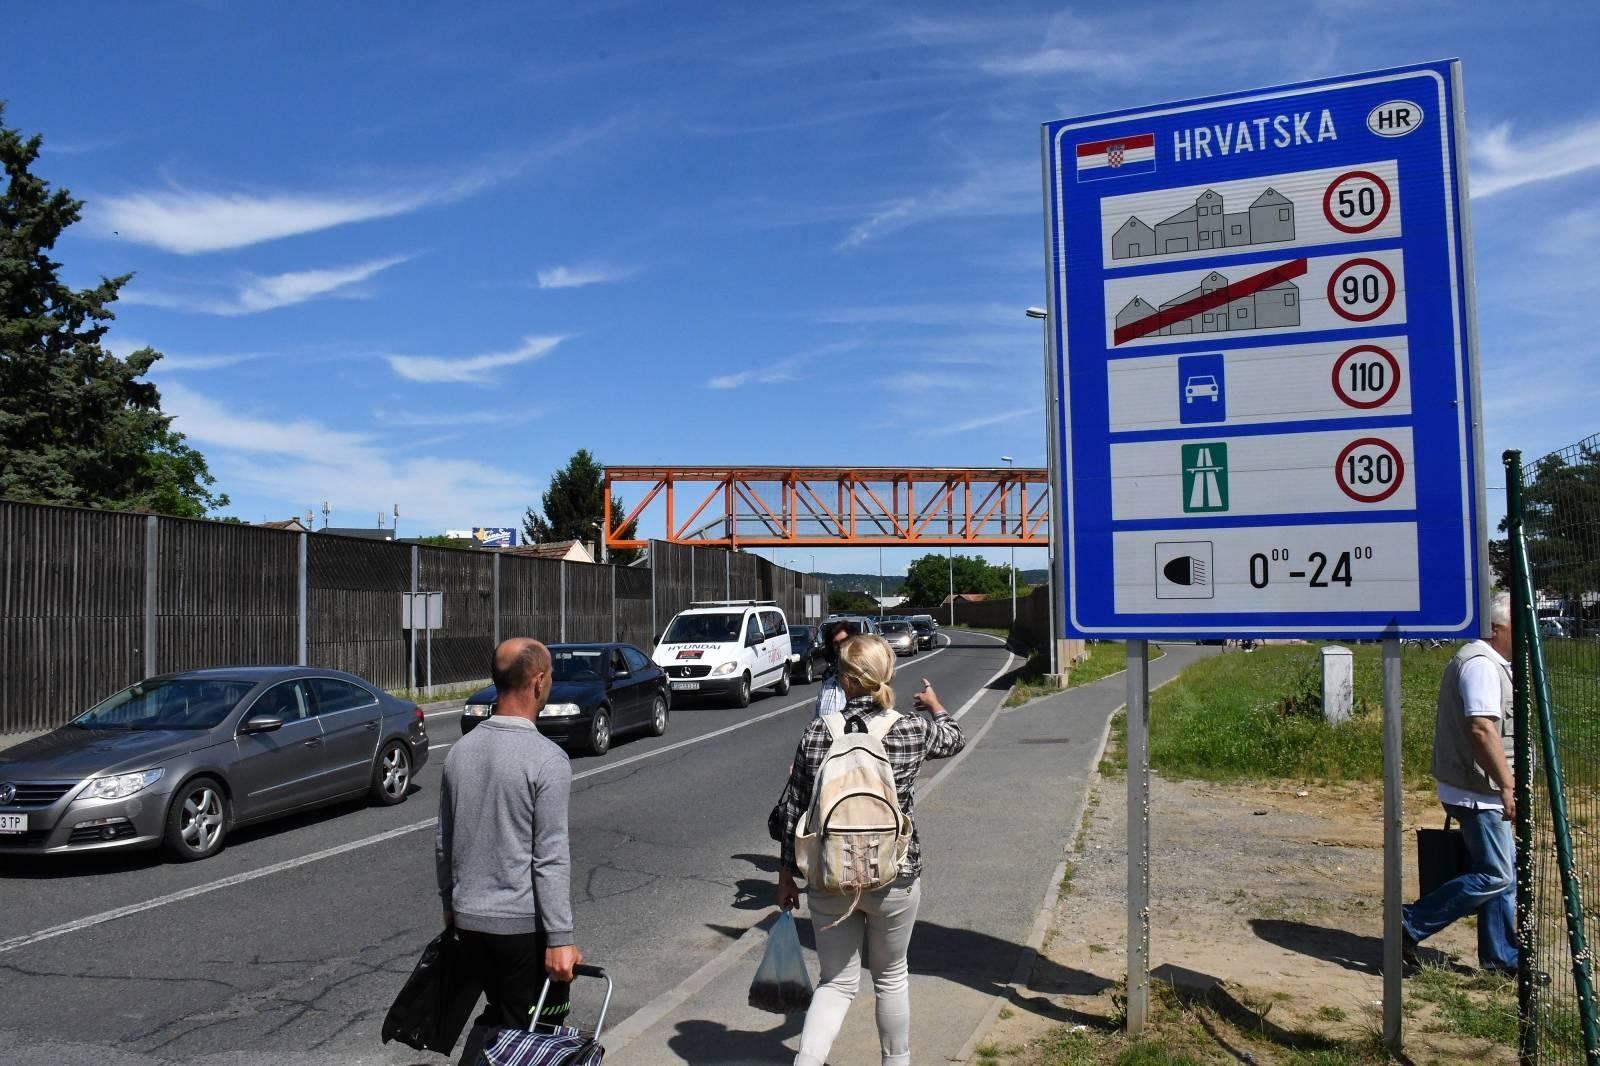 Kolone vozila na graničnom prijelazu s BiH u Slavonskom Brodu